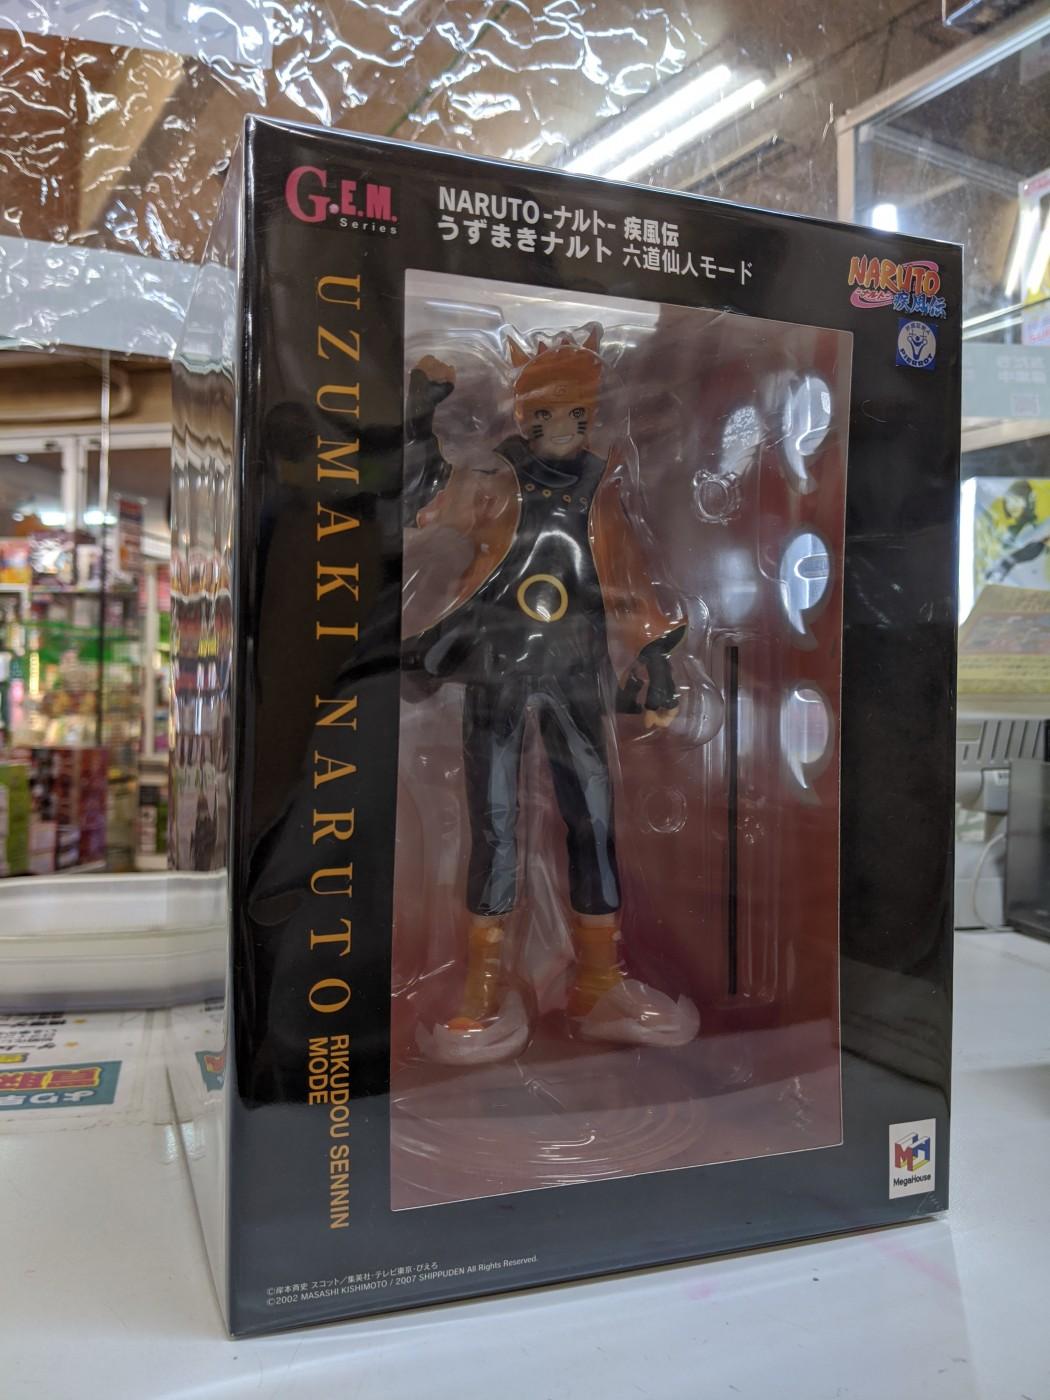 買取情報『バンダイG.E.M.シリーズのNARUTO-ナルト- 疾風伝 うずまきナルト 六道仙人モードフィギュア』